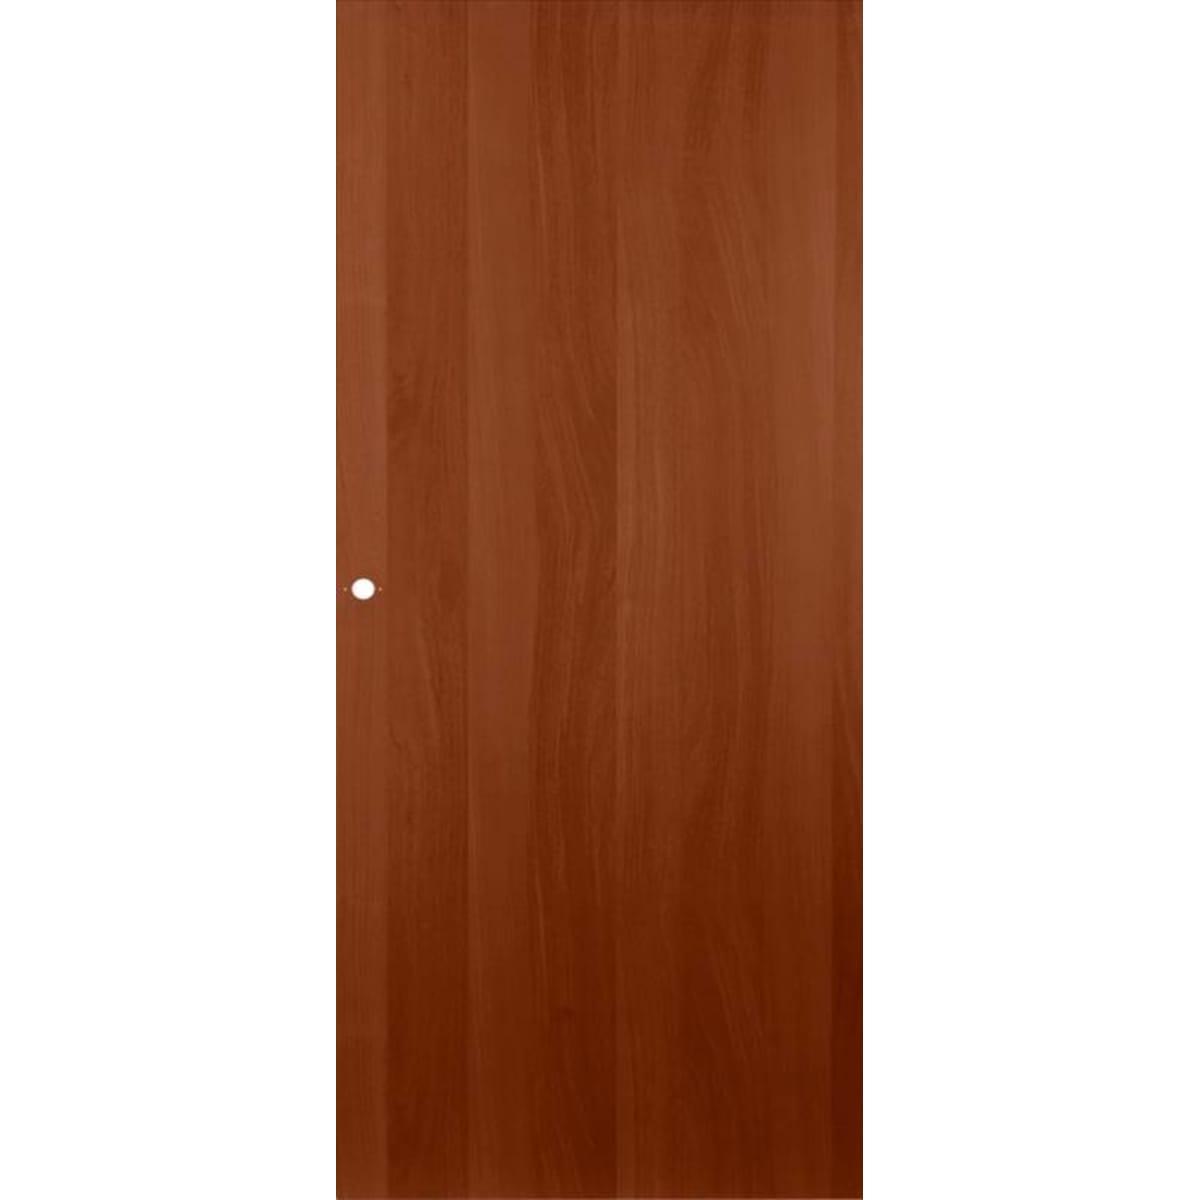 Дверь межкомнатная глухая ламинированная 80x200 см цвет итальянский орех